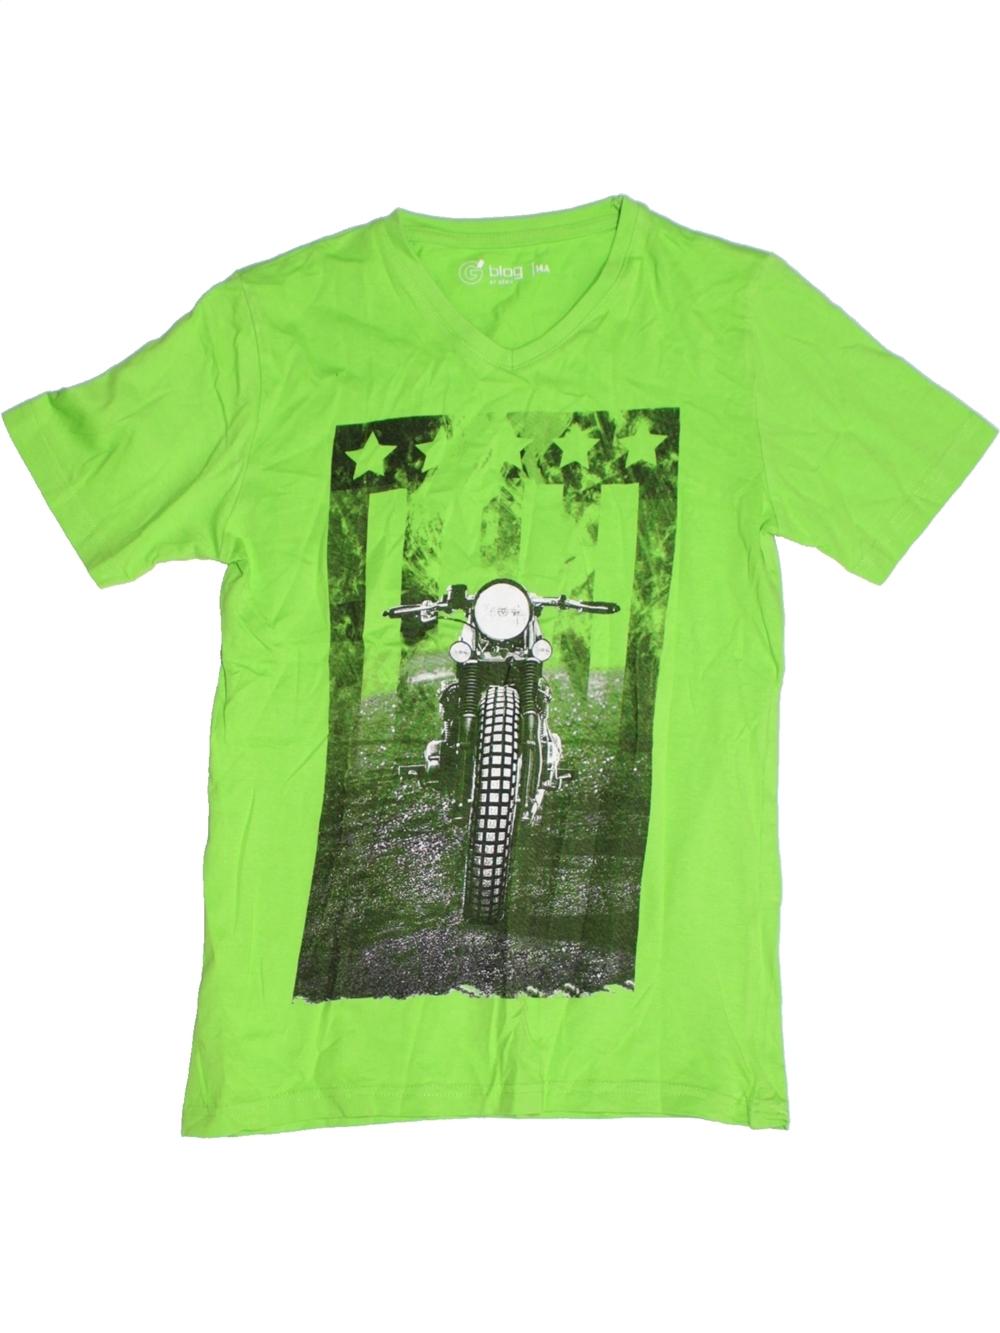 4de7dad7272ad T-shirt manches courtes Garçon GEMO 14 ans pas cher, 2.99 € - #1188843